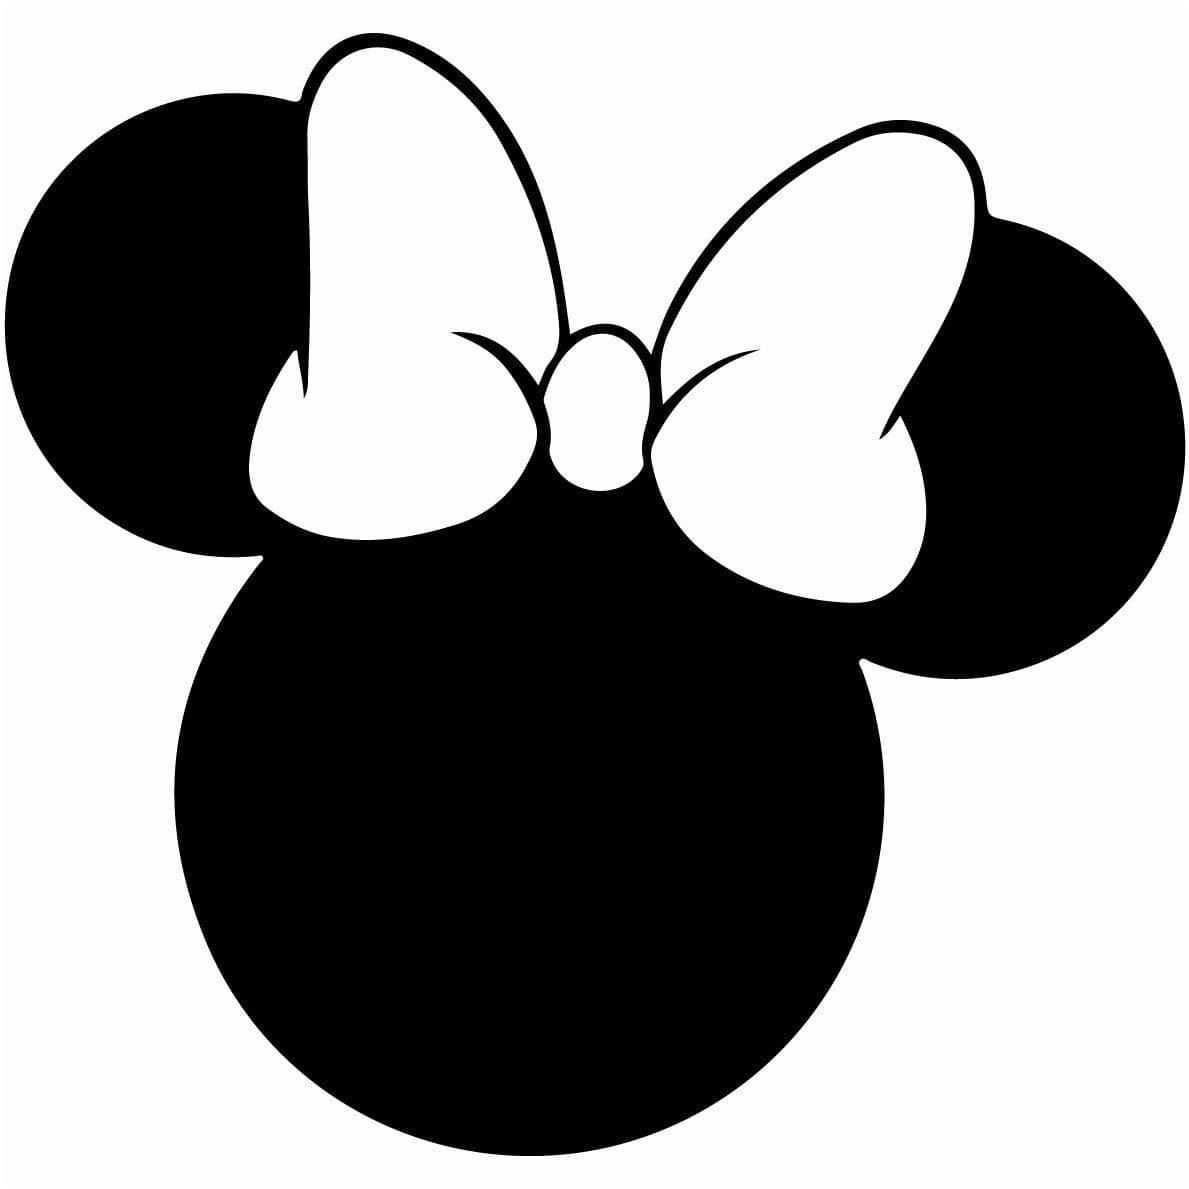 Pin Von Taylor Heckman Auf Cricut Minnie Maus Silhouette Minnie Maus Geburtstag Disney Silhouetten